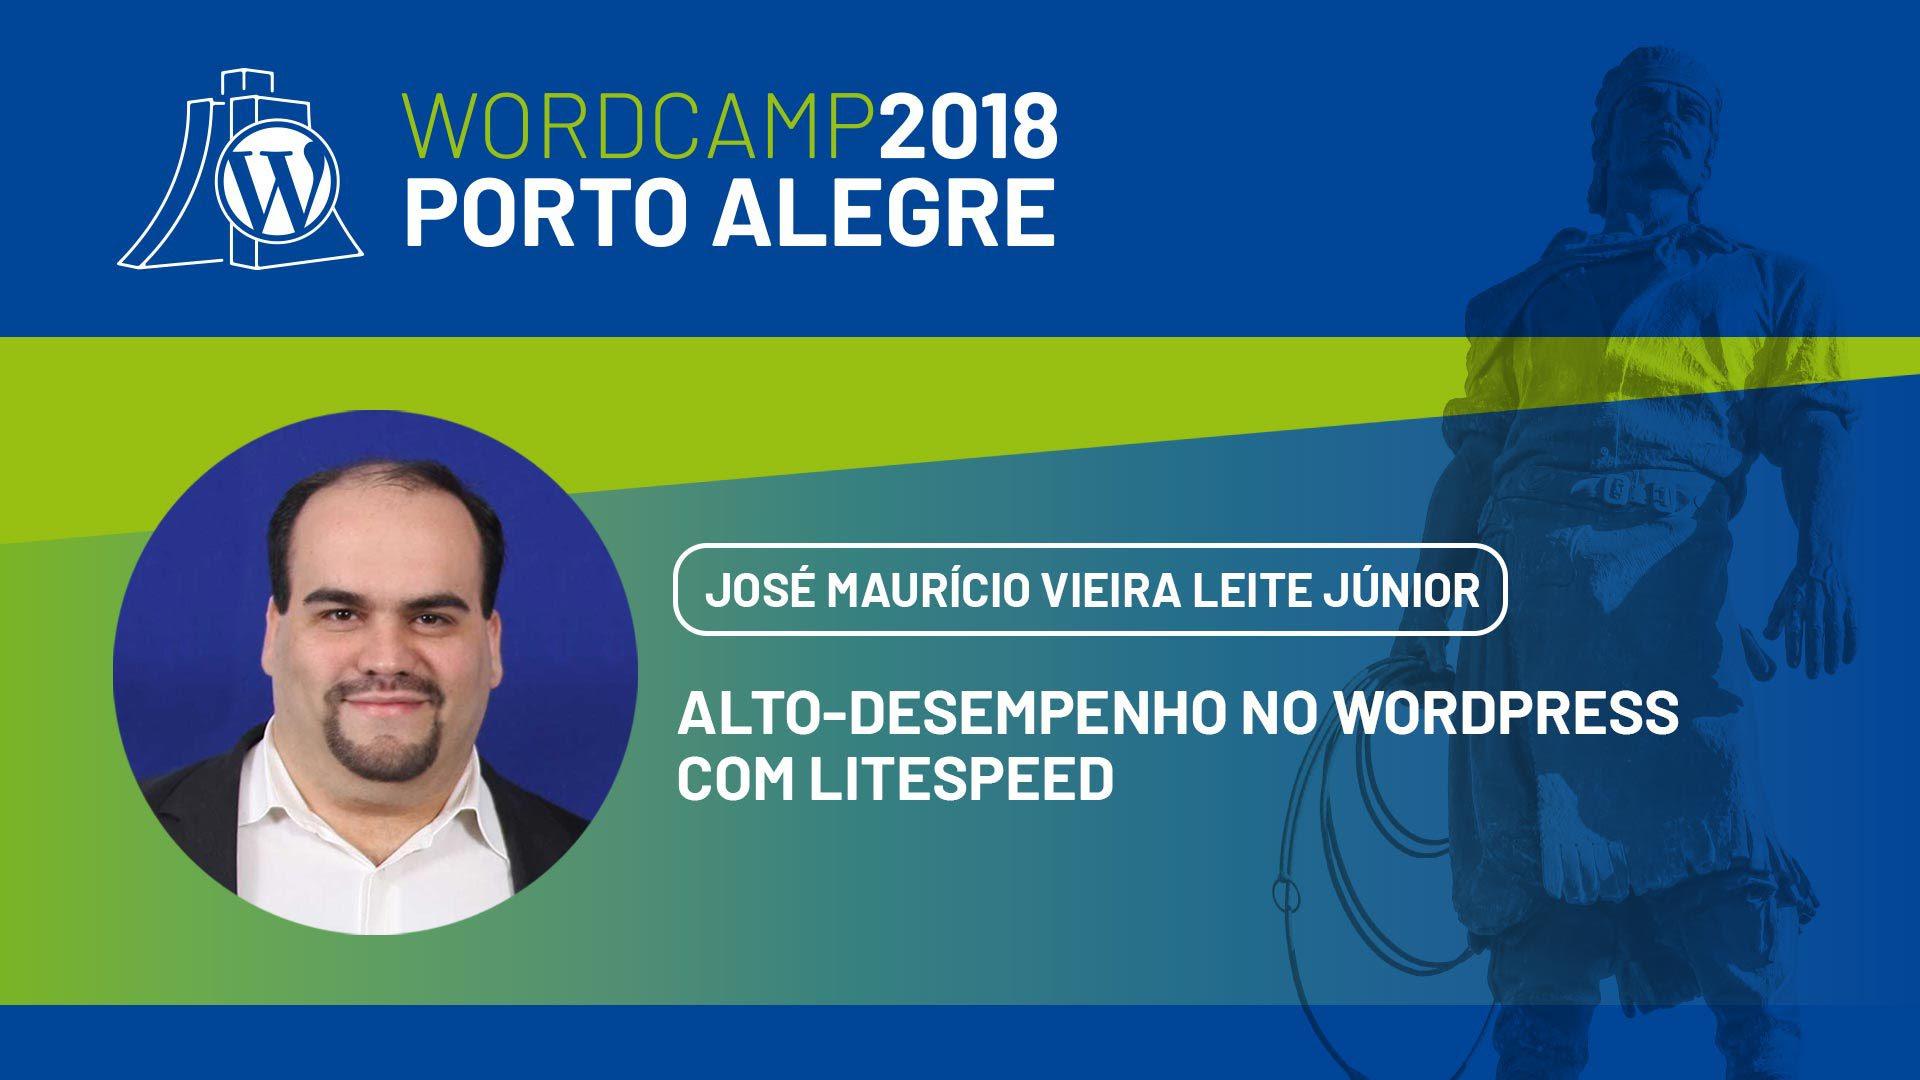 Alto-desempenho no Wordpress com Litespeed